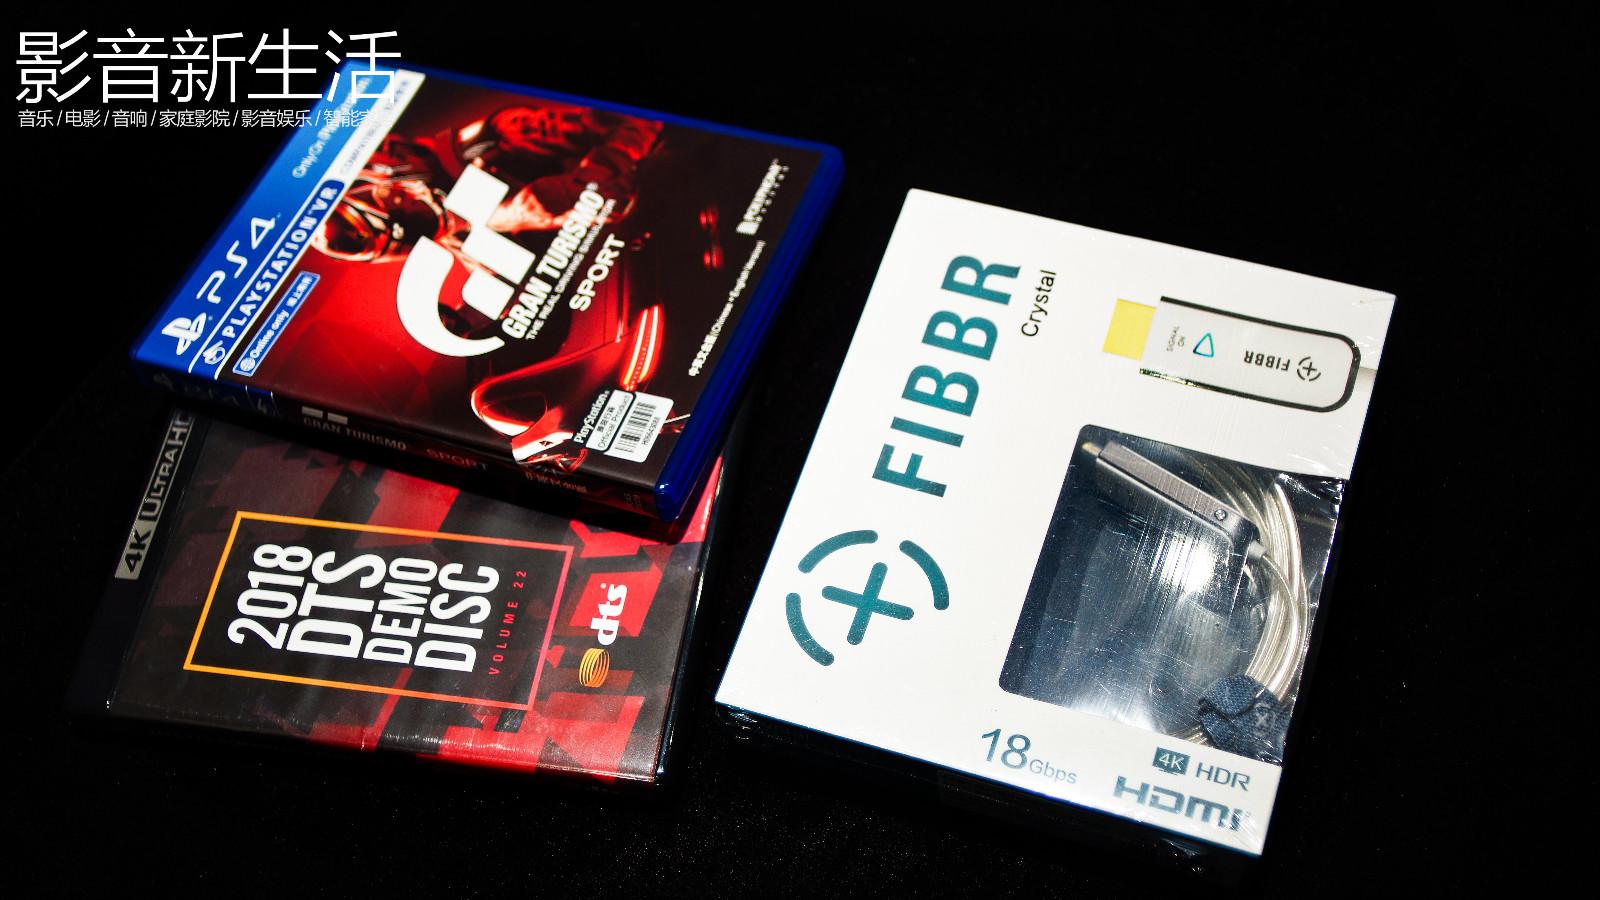 CEFED97E 0034 443B 8841 8CDB974B5DA1 - FIBBR 菲伯尔 Crystal HDMI 2.0线